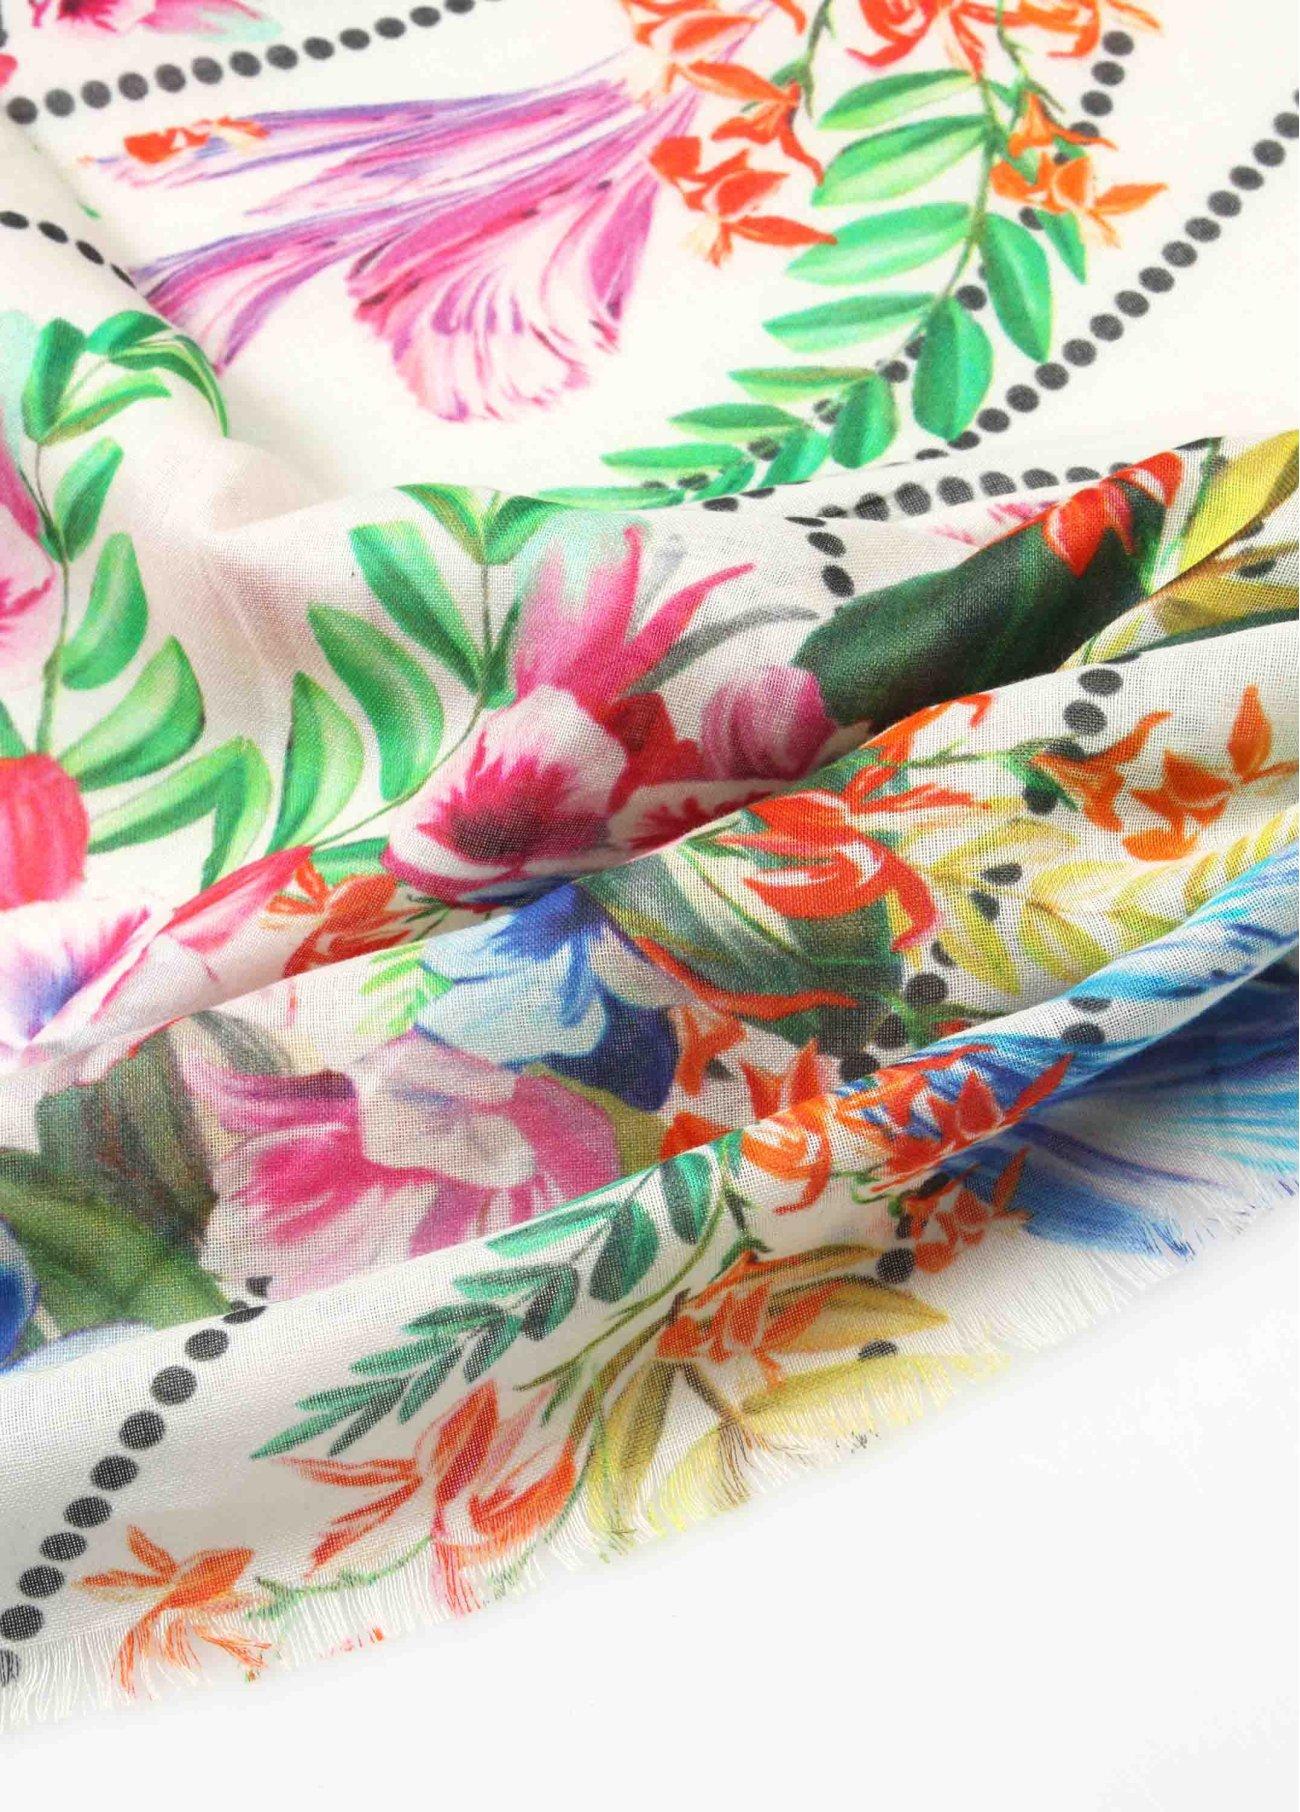 Pañuelo flores fondo crudo topitos,  2